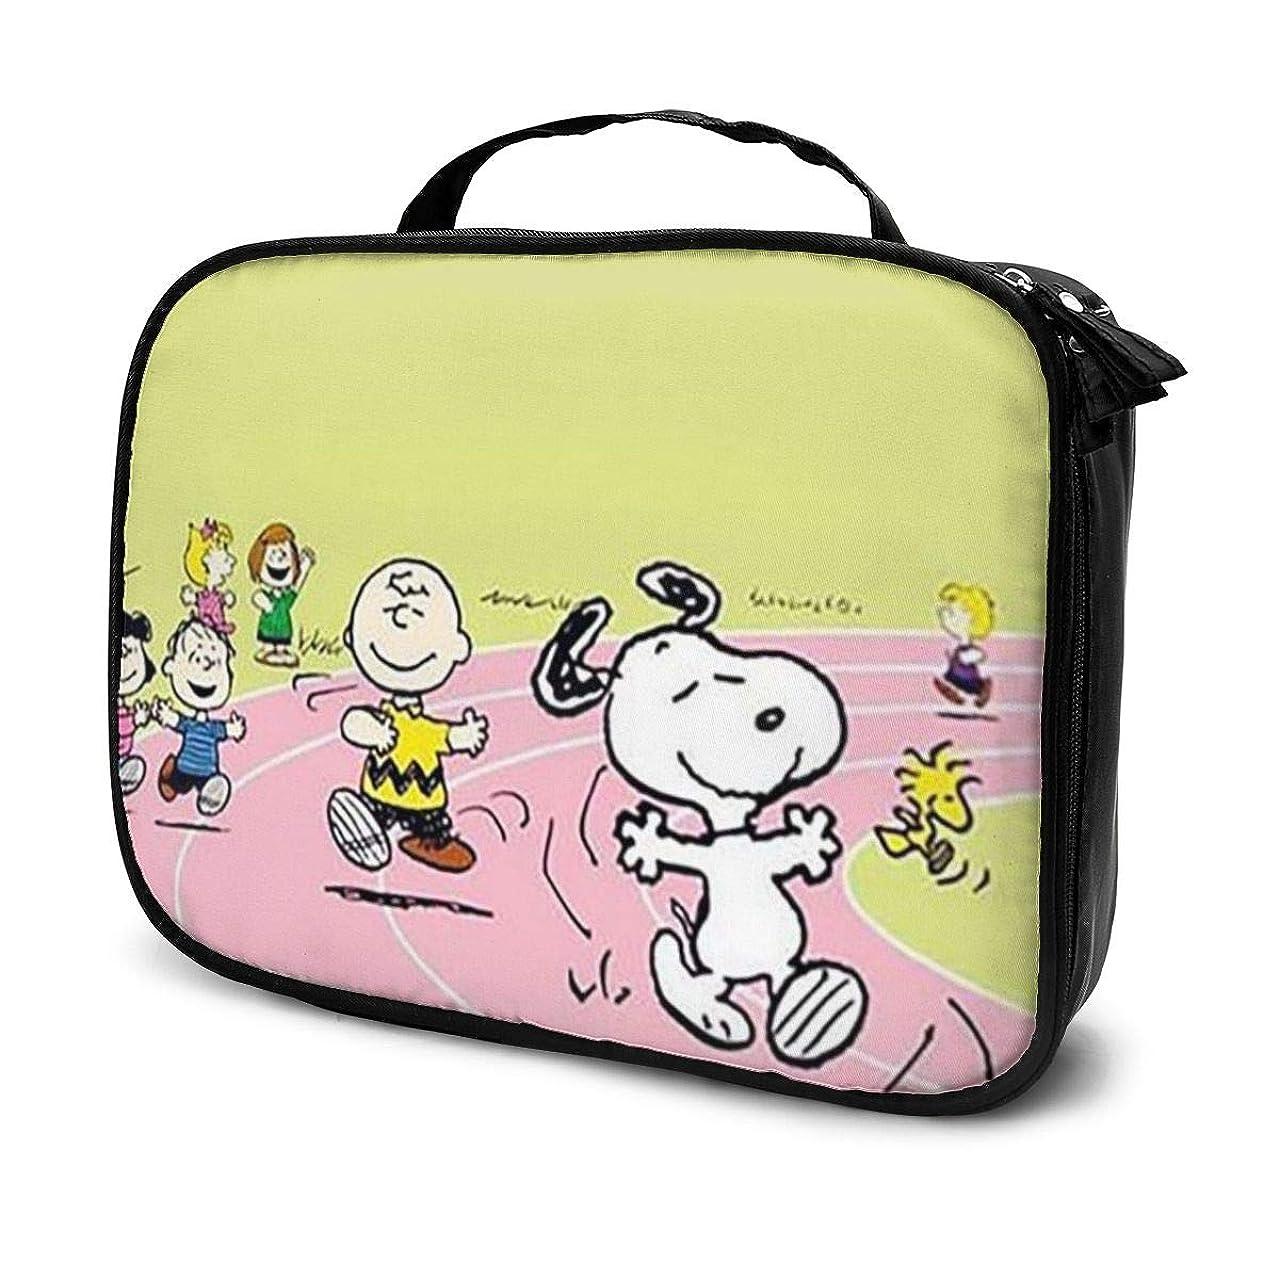 セール退屈なクライマックスDaituスヌーピー 化粧品袋の女性旅行バッグ収納大容量防水アクセサリー旅行